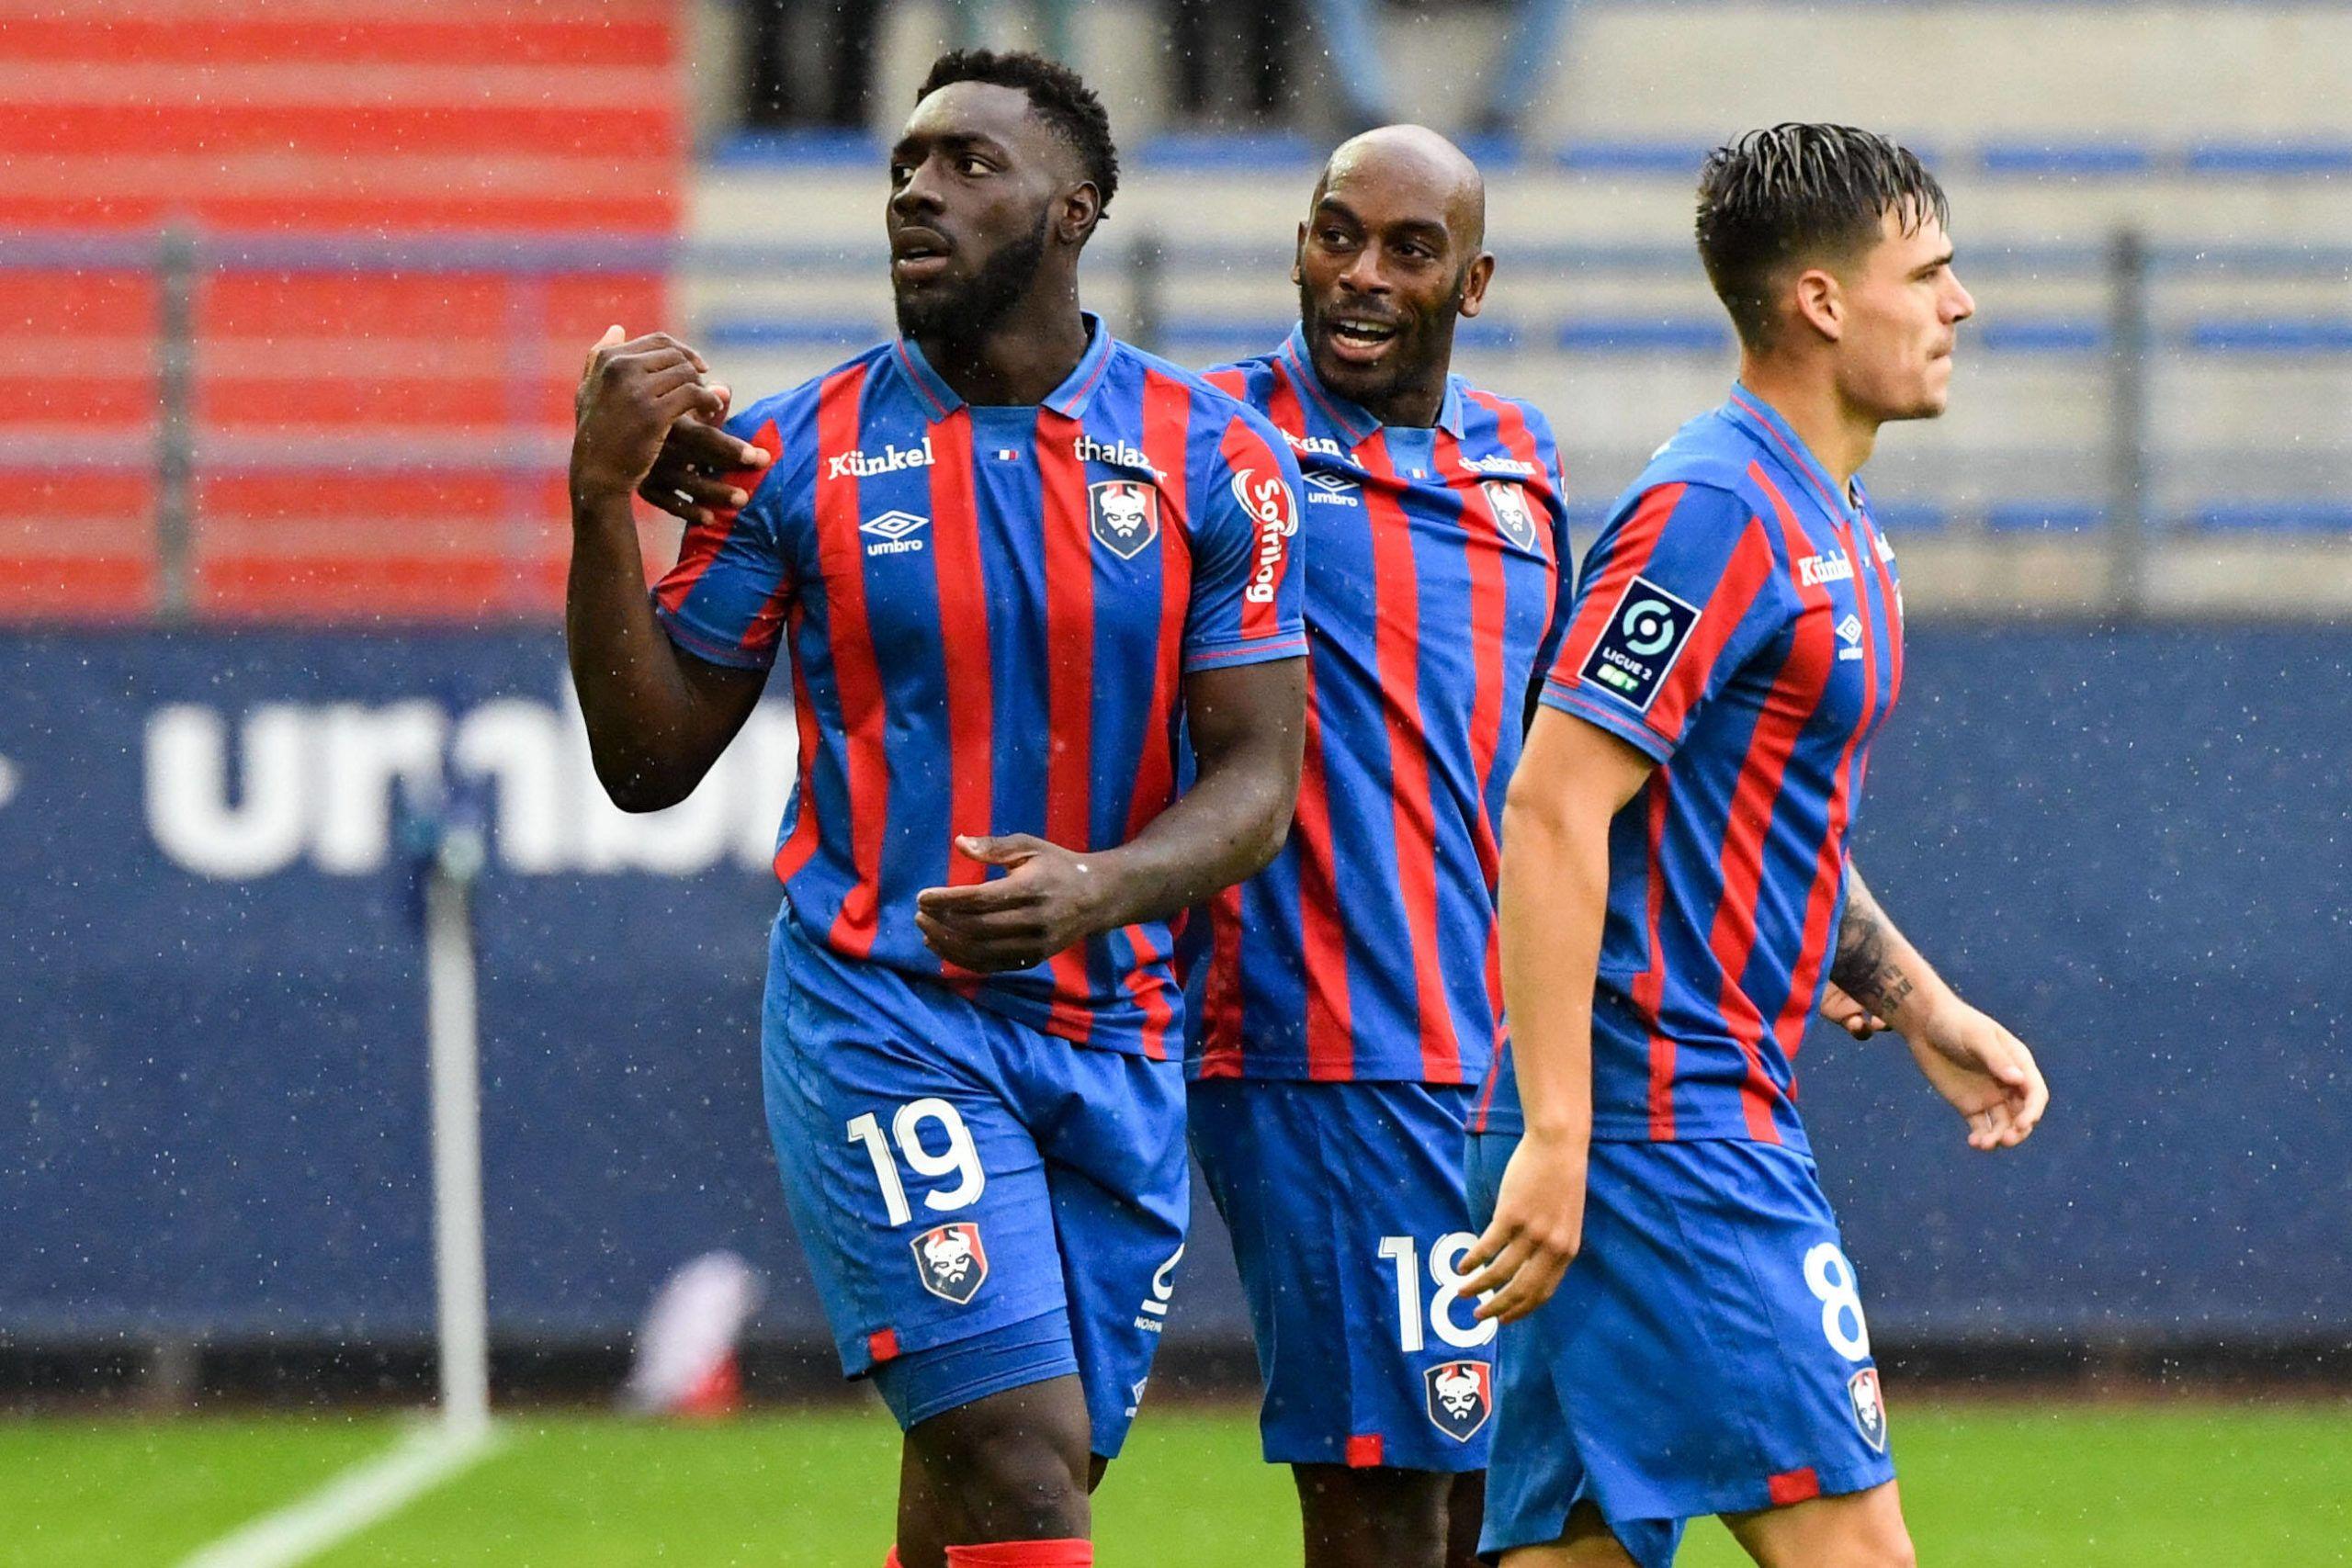 Le résumé vidéo de la victoire du SM Caen face à Rodez (4-0)